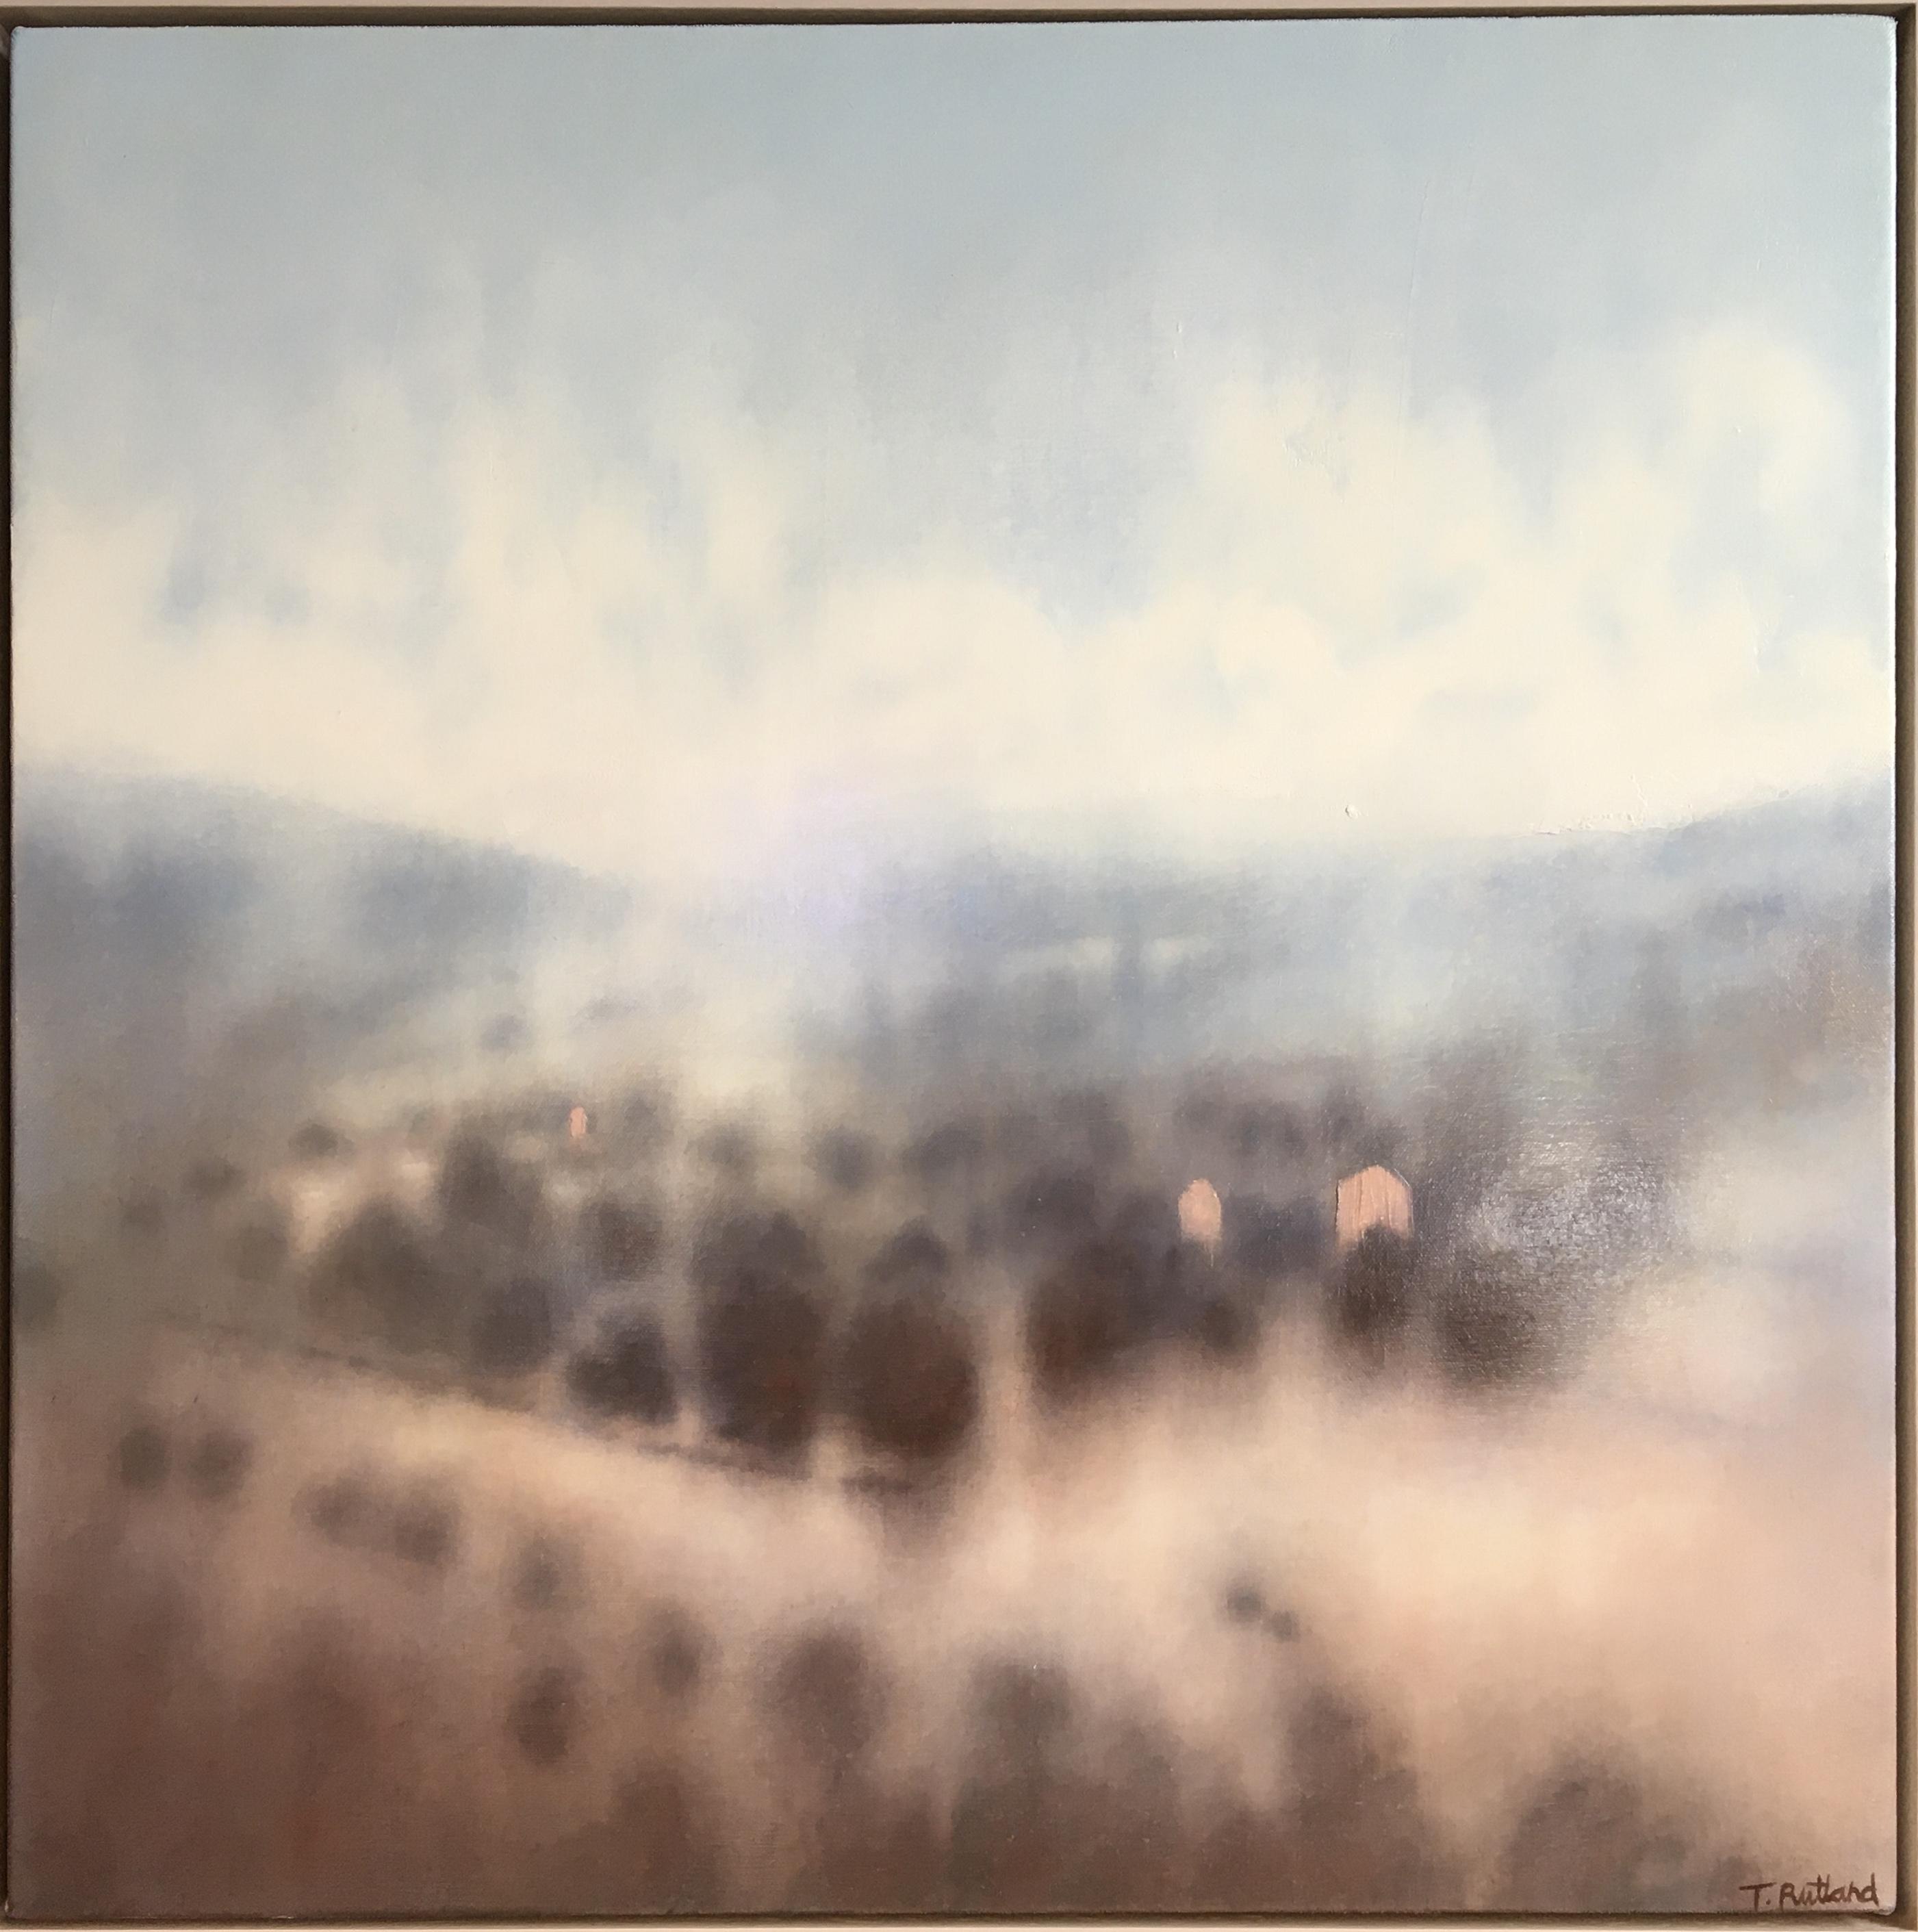 043 - TR - Remote dwellings (40x40cm) oil on canvas.jpg